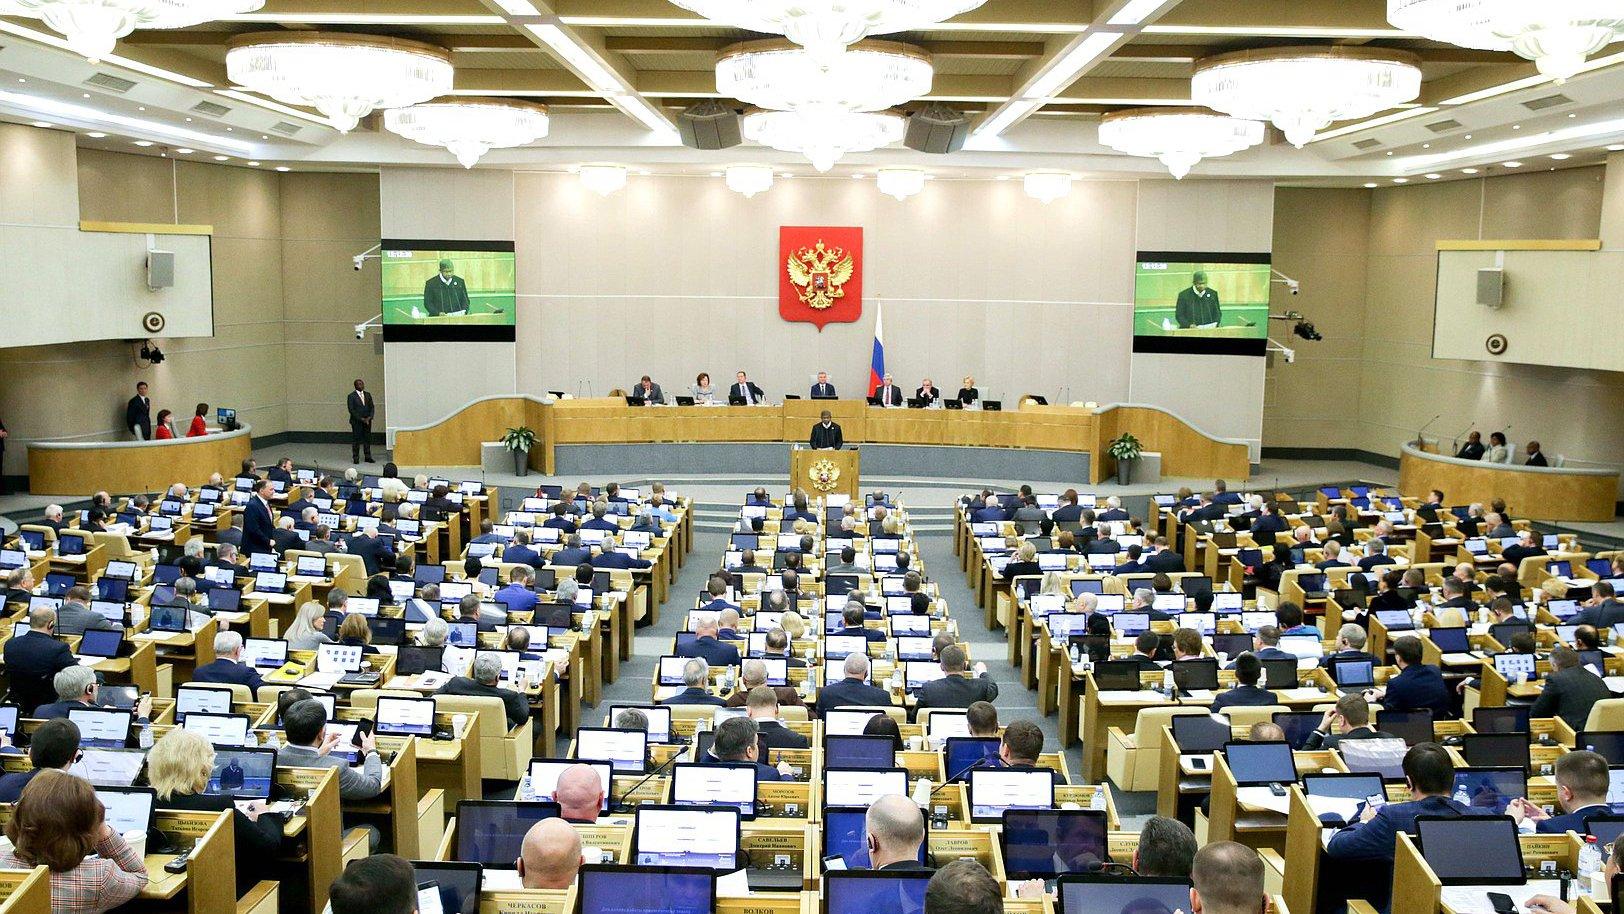 Депутат Власов предложил организовать раздельный сбор пластика в Госдуме